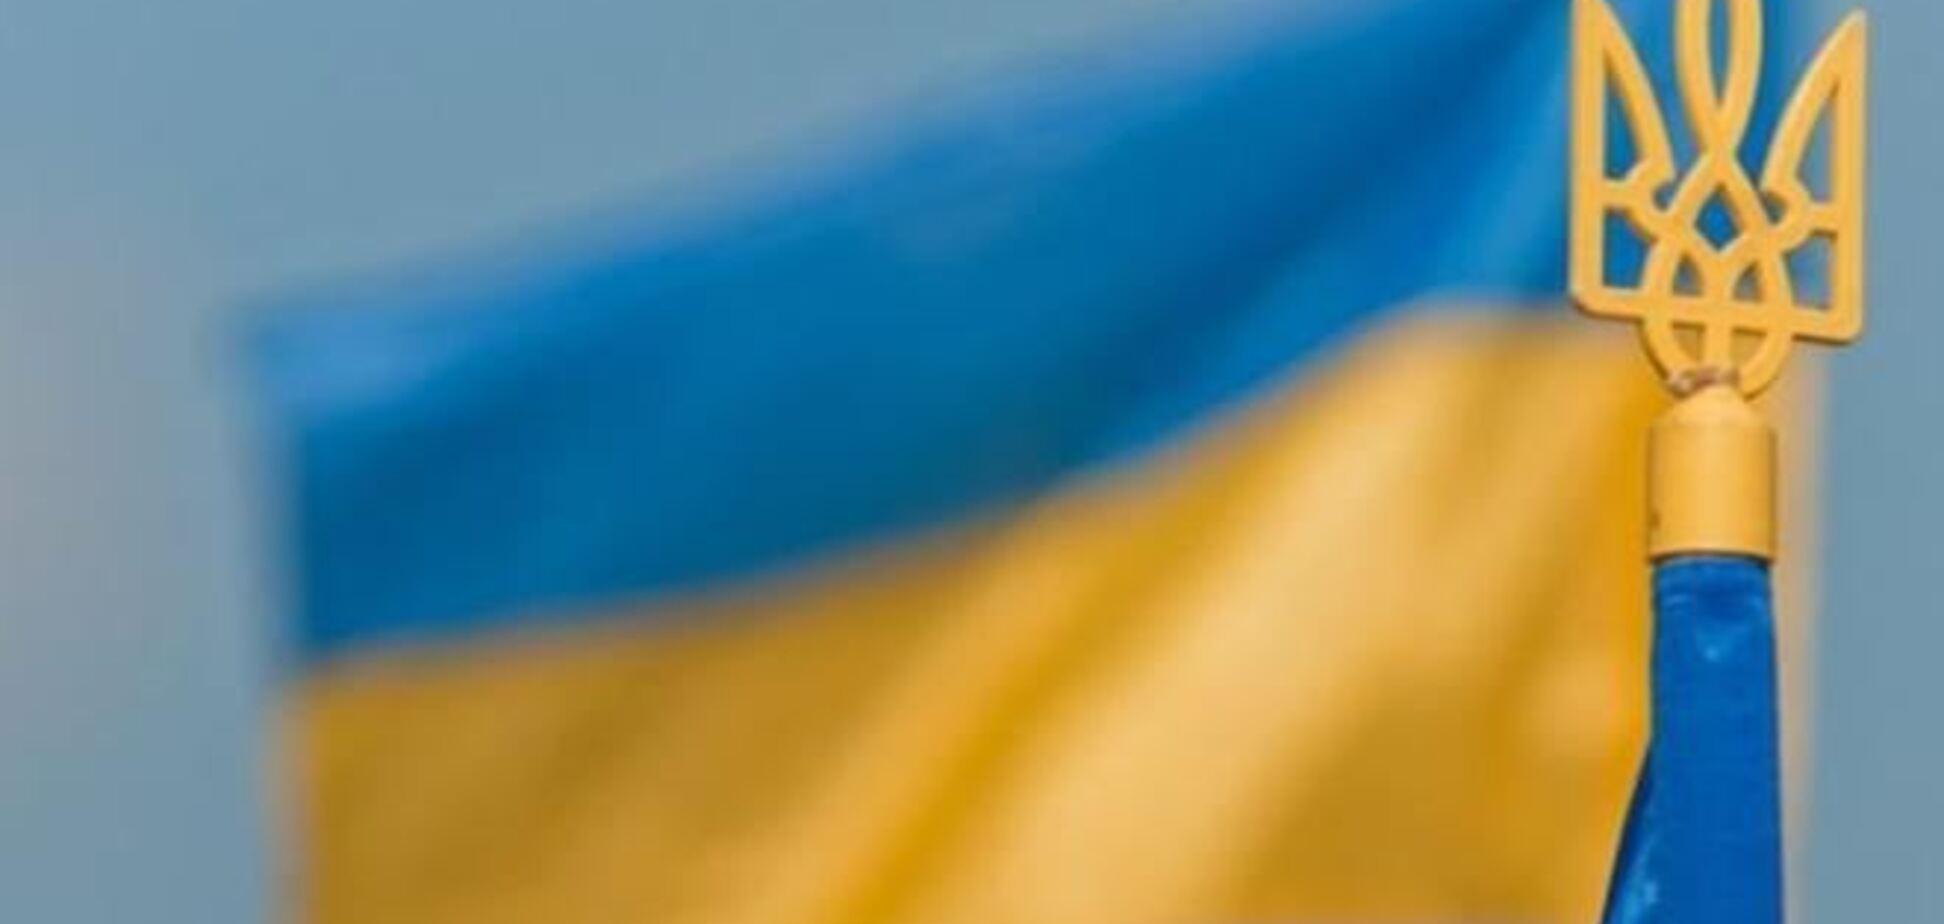 В Донецке патриоты встали на защиту украинского флага